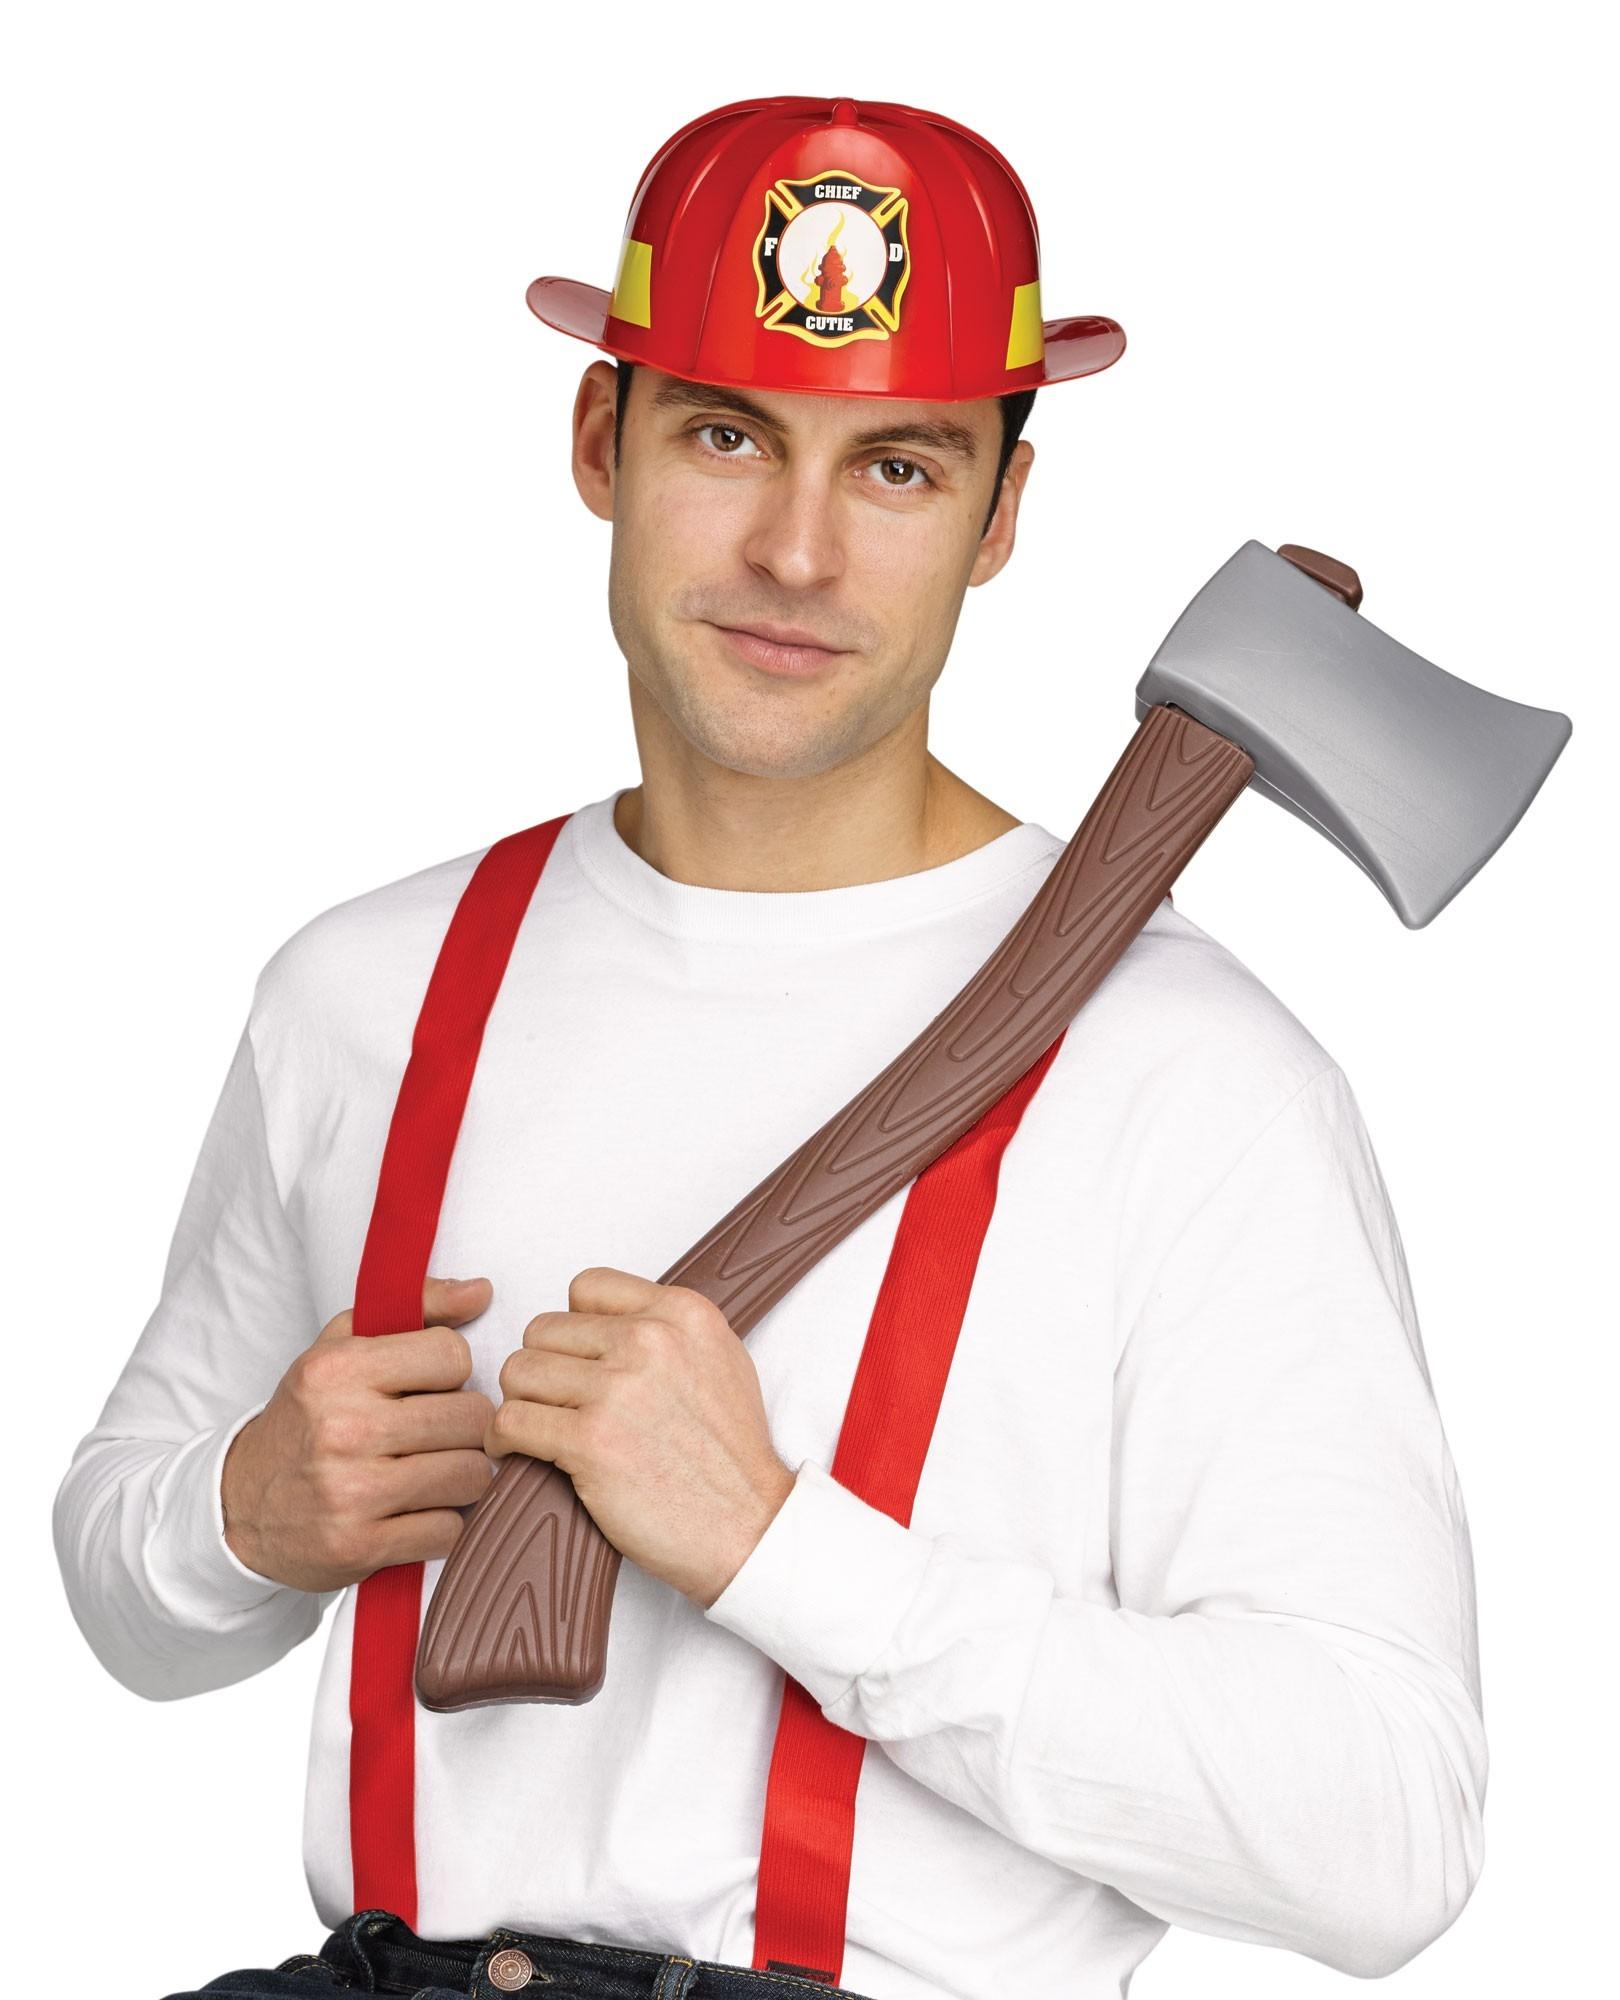 Набор для костюма Пожарного (UNI) пособия для пожарных частей